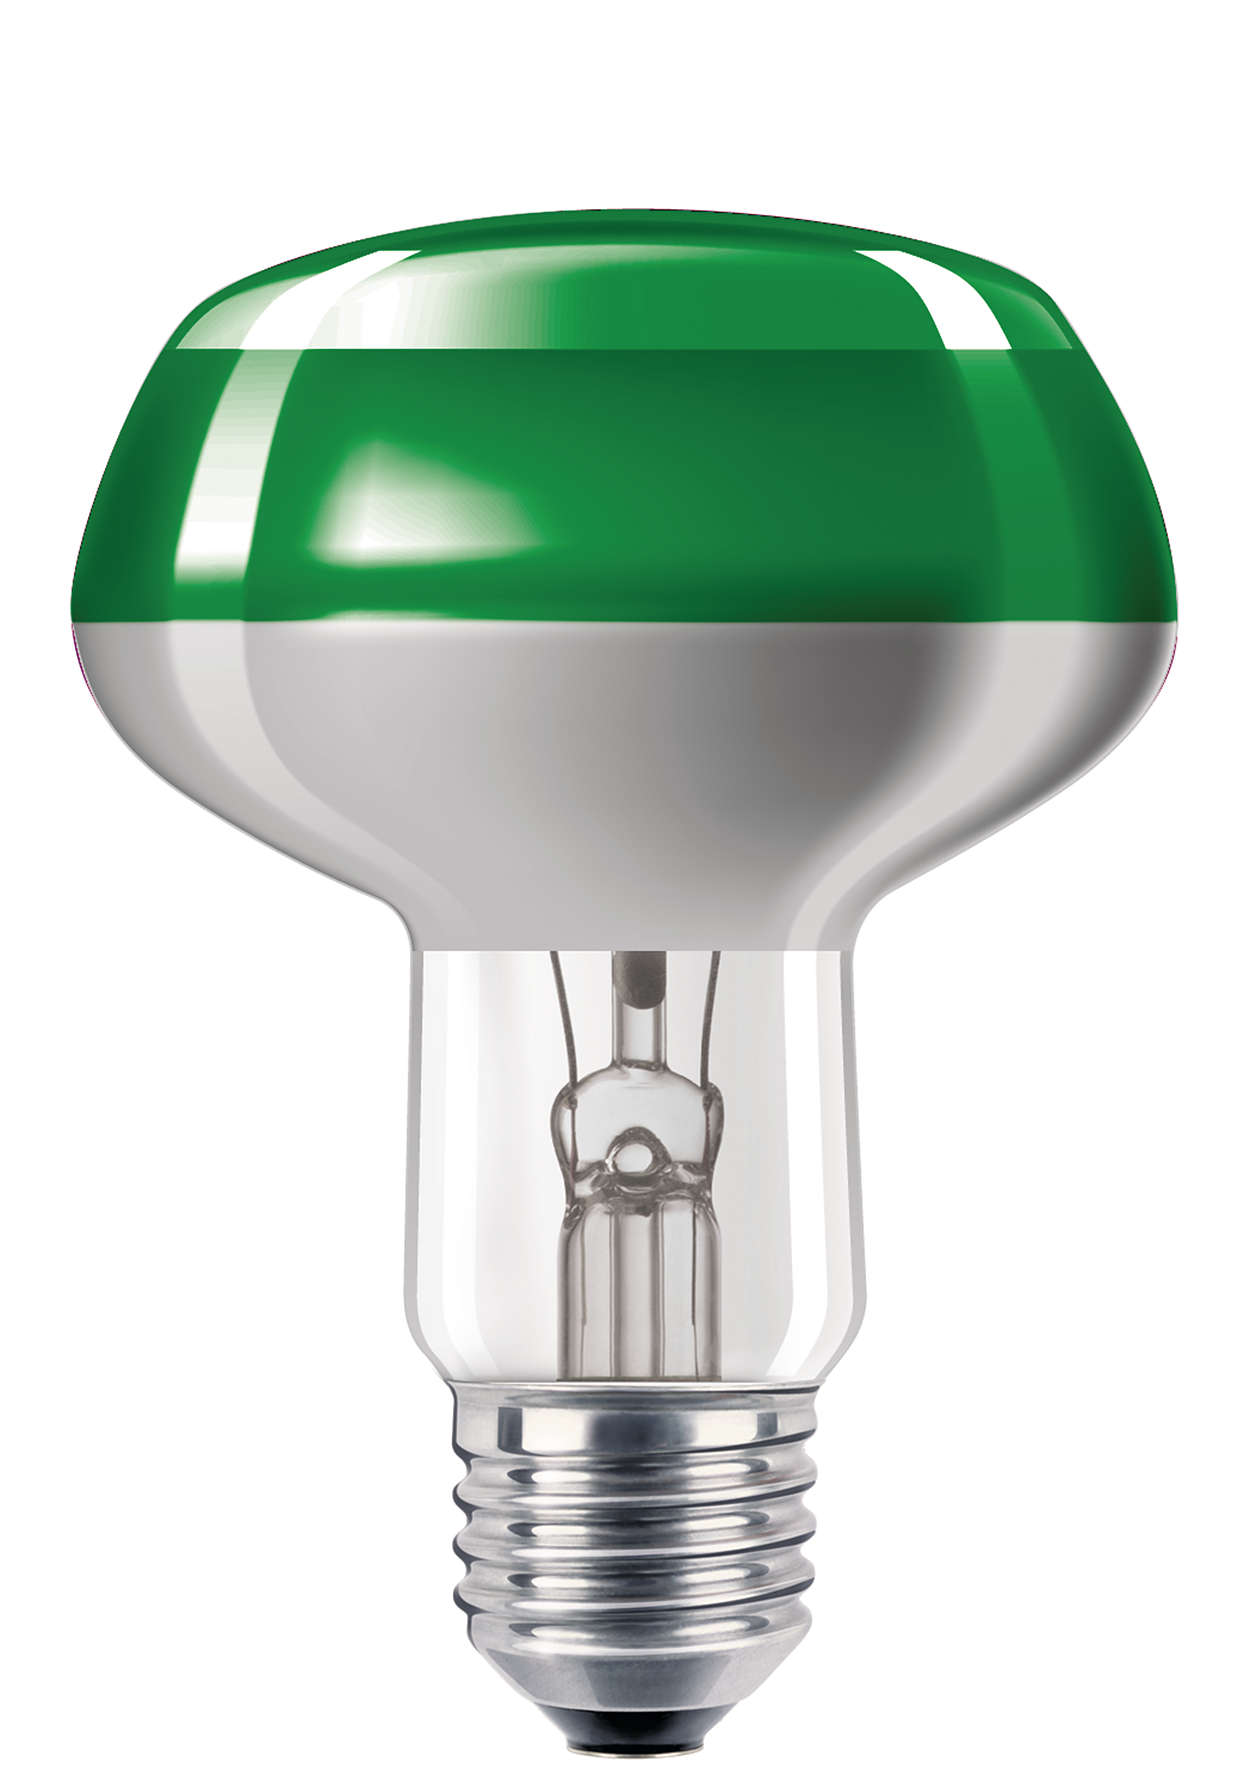 Fargede glødelamper med fremragende belegg